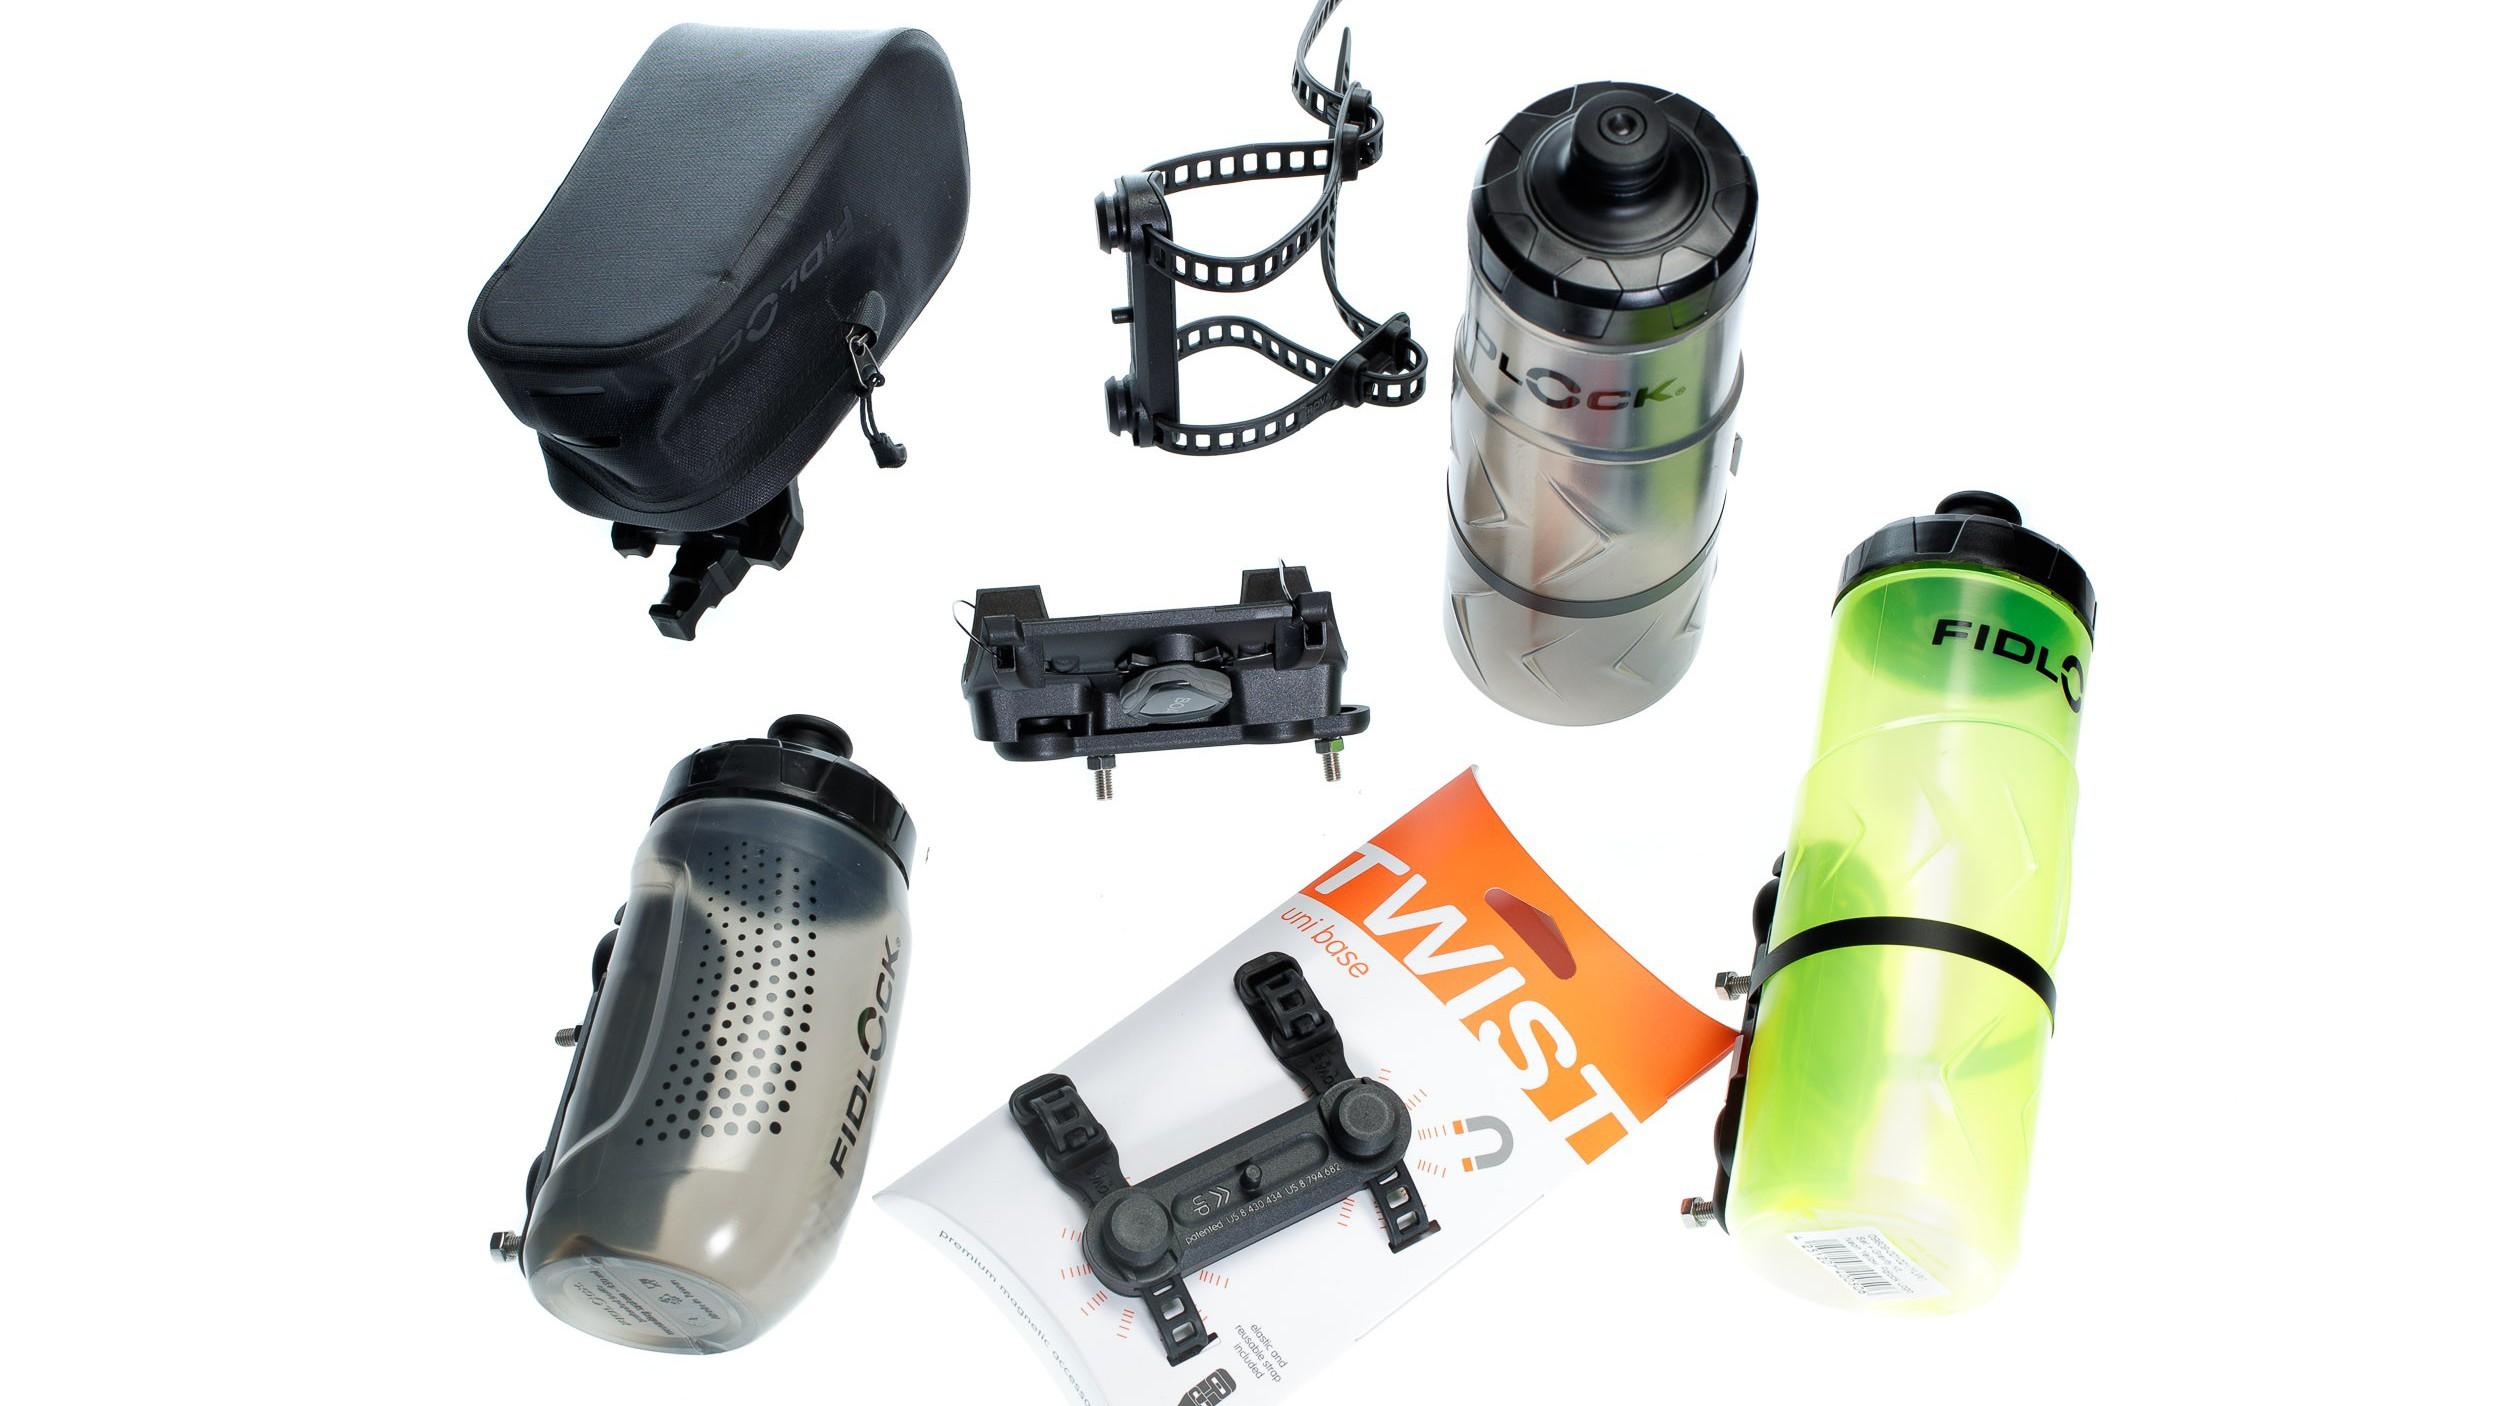 Fidlock Bottle Twist set und Co. Alle Produkte inklusive Ersatzteile sind ab sofort auch im Onlineshop erhältlich.